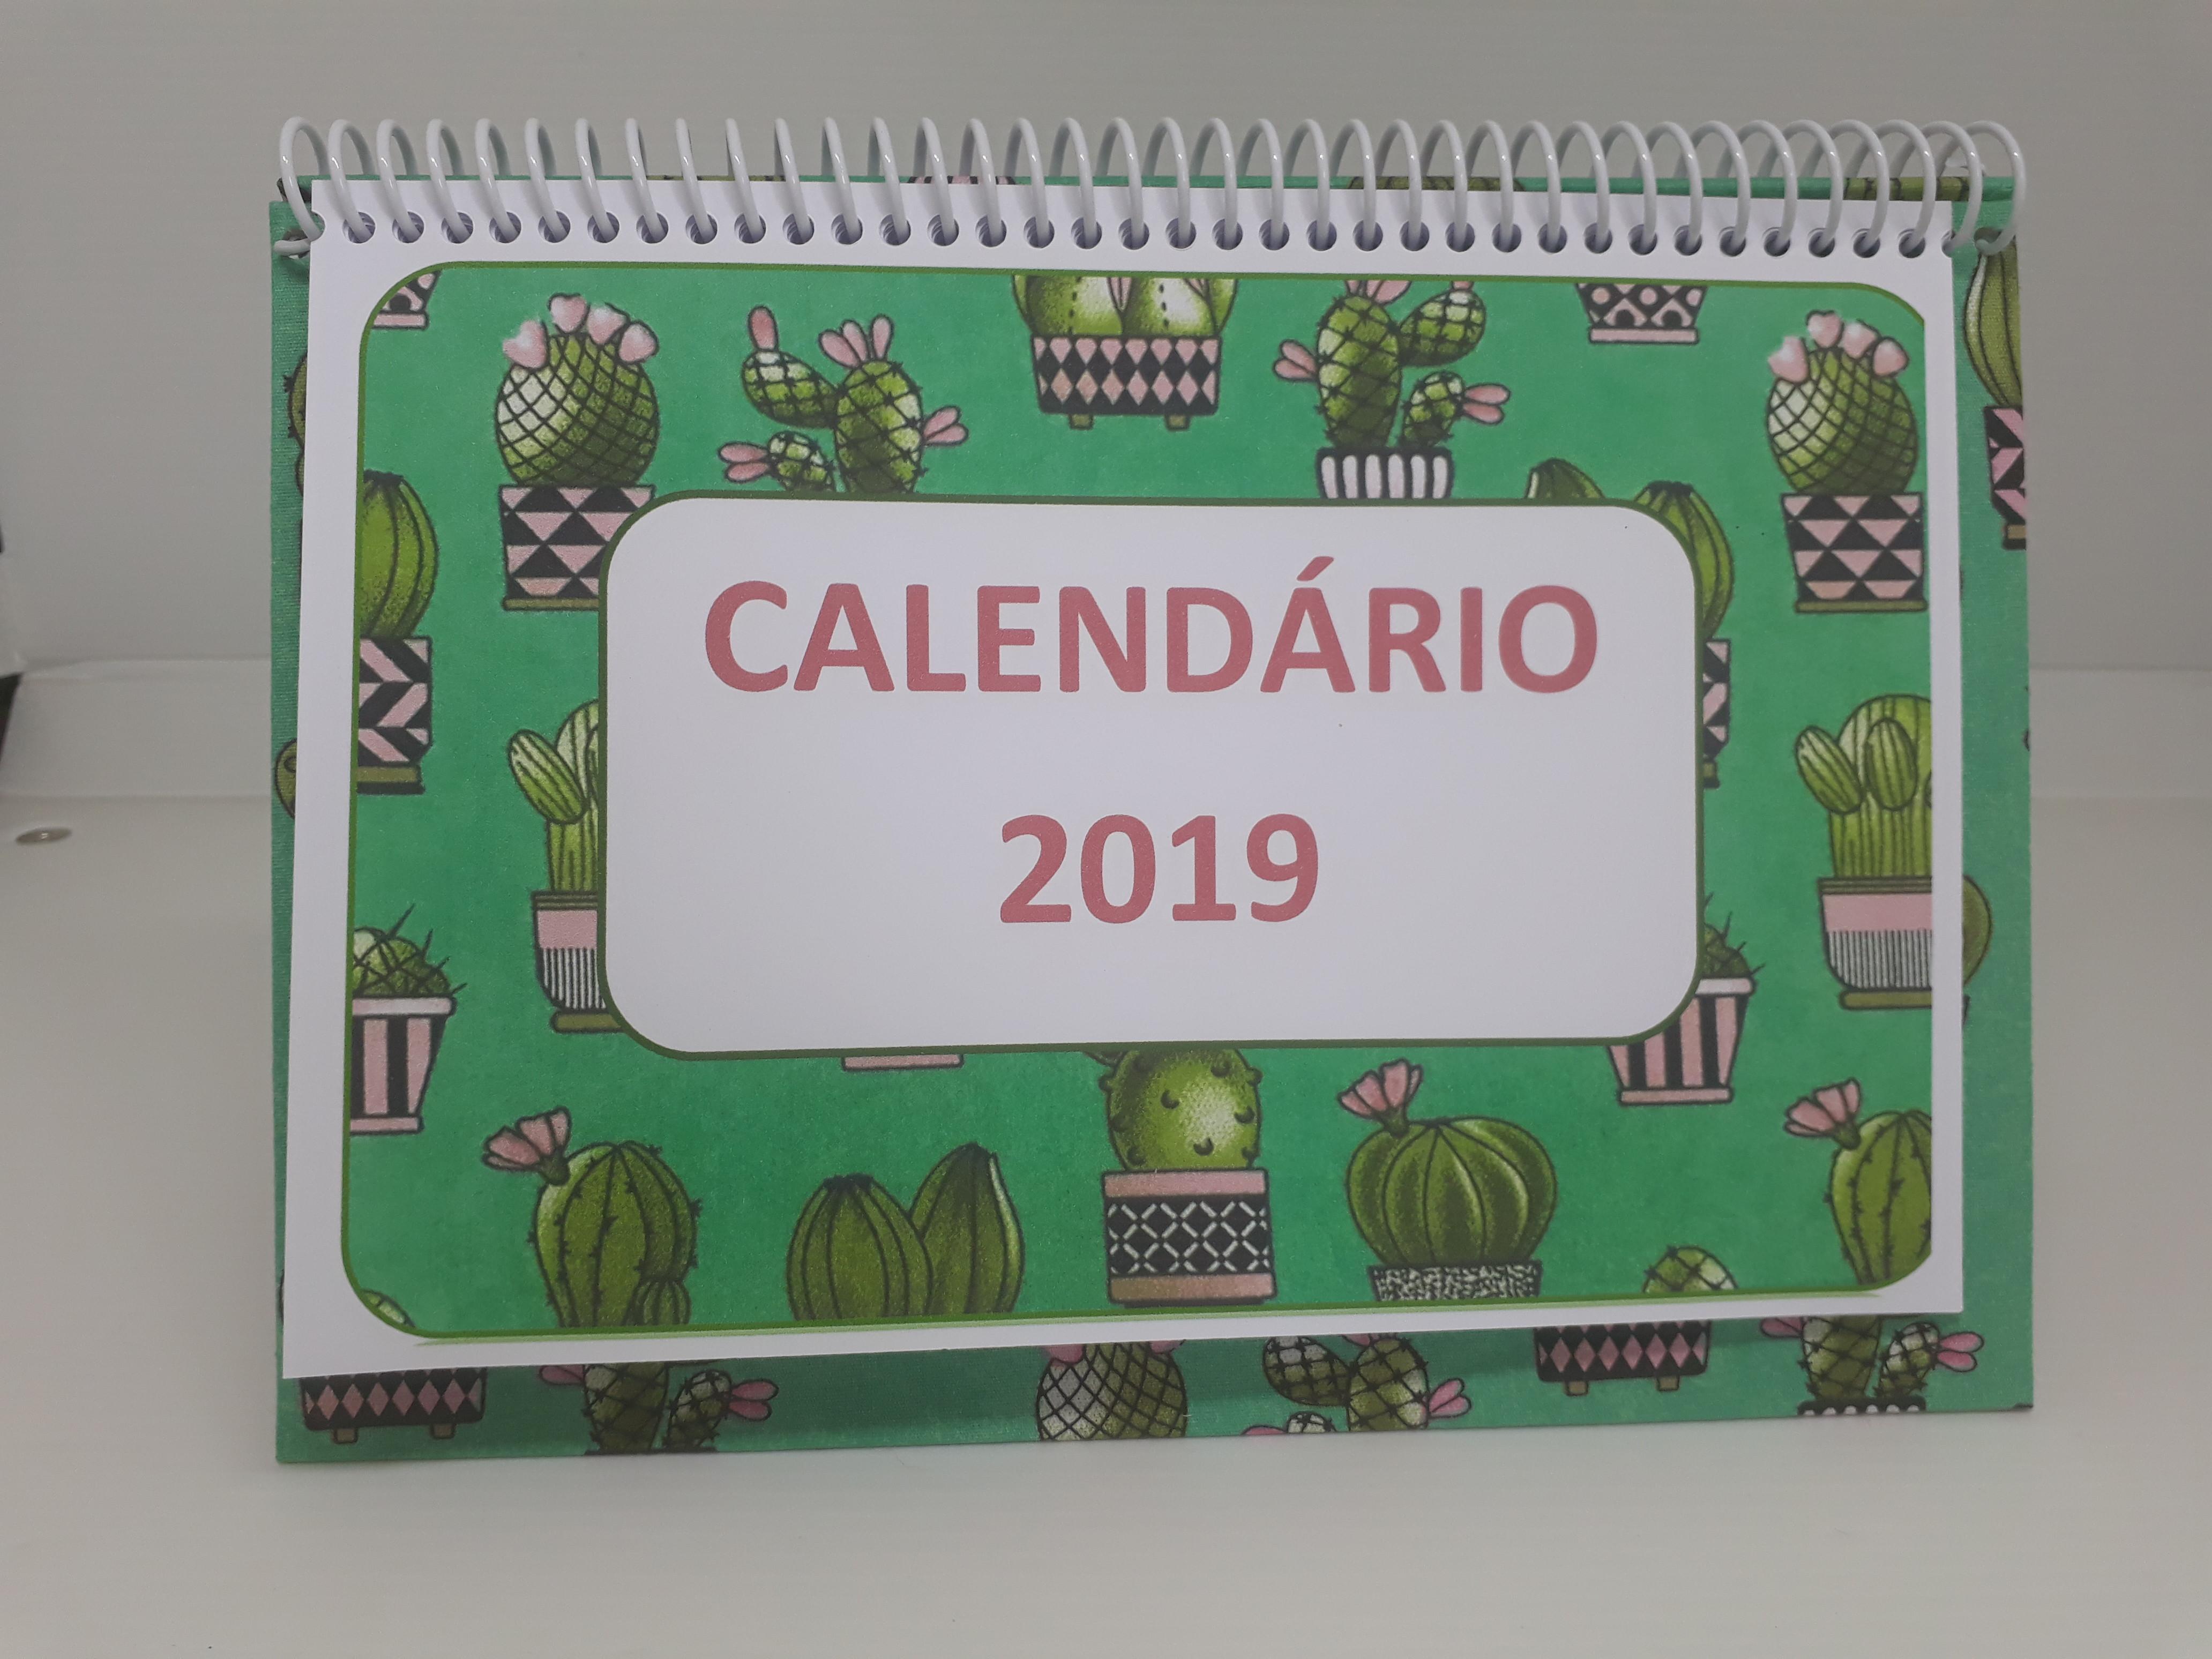 Calendario F2.Calendario De Mesa 2019 F2